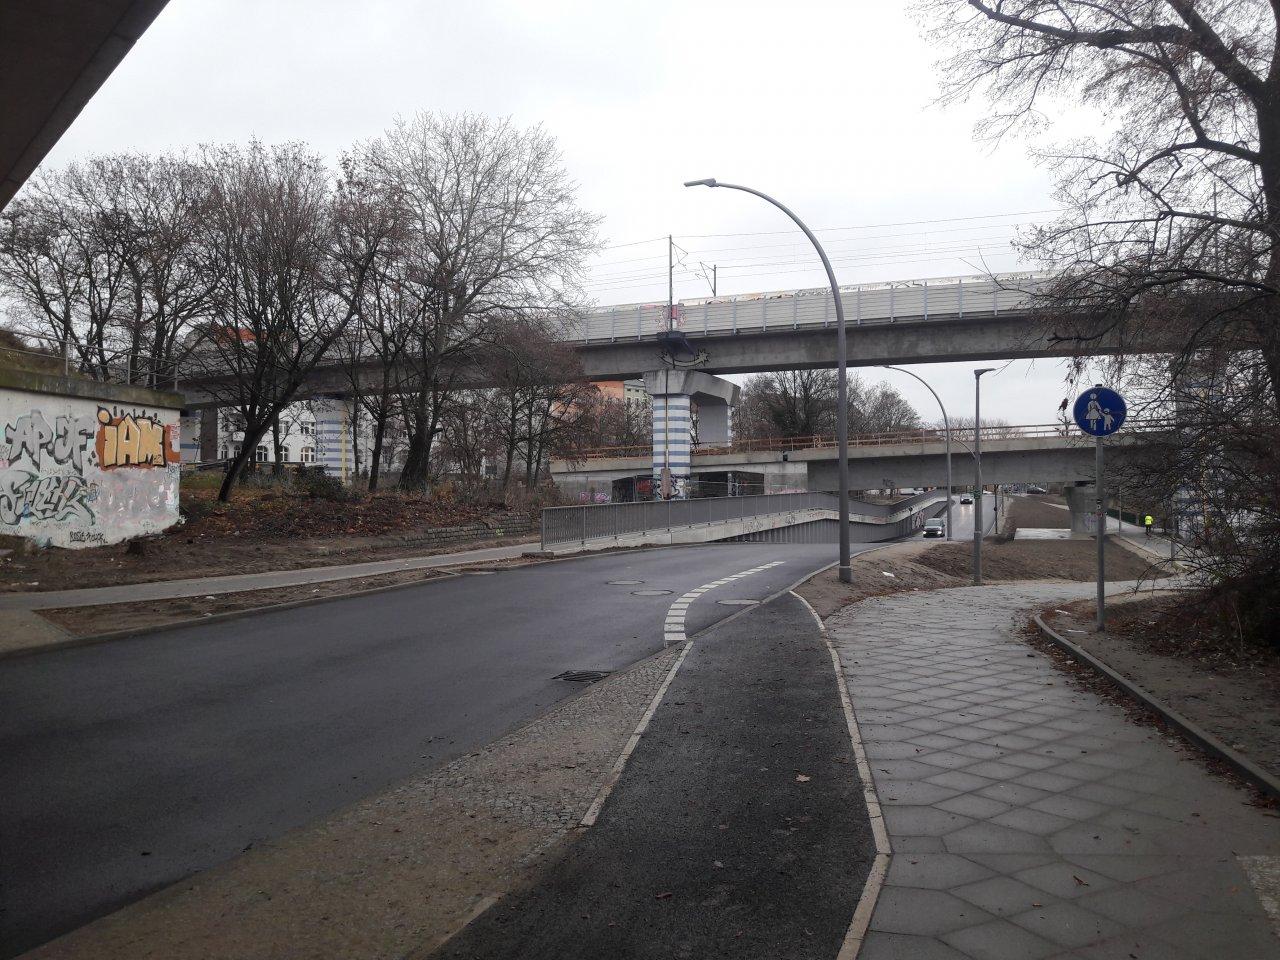 S21-Anschluss-Ringbahn-Berlin.jpg